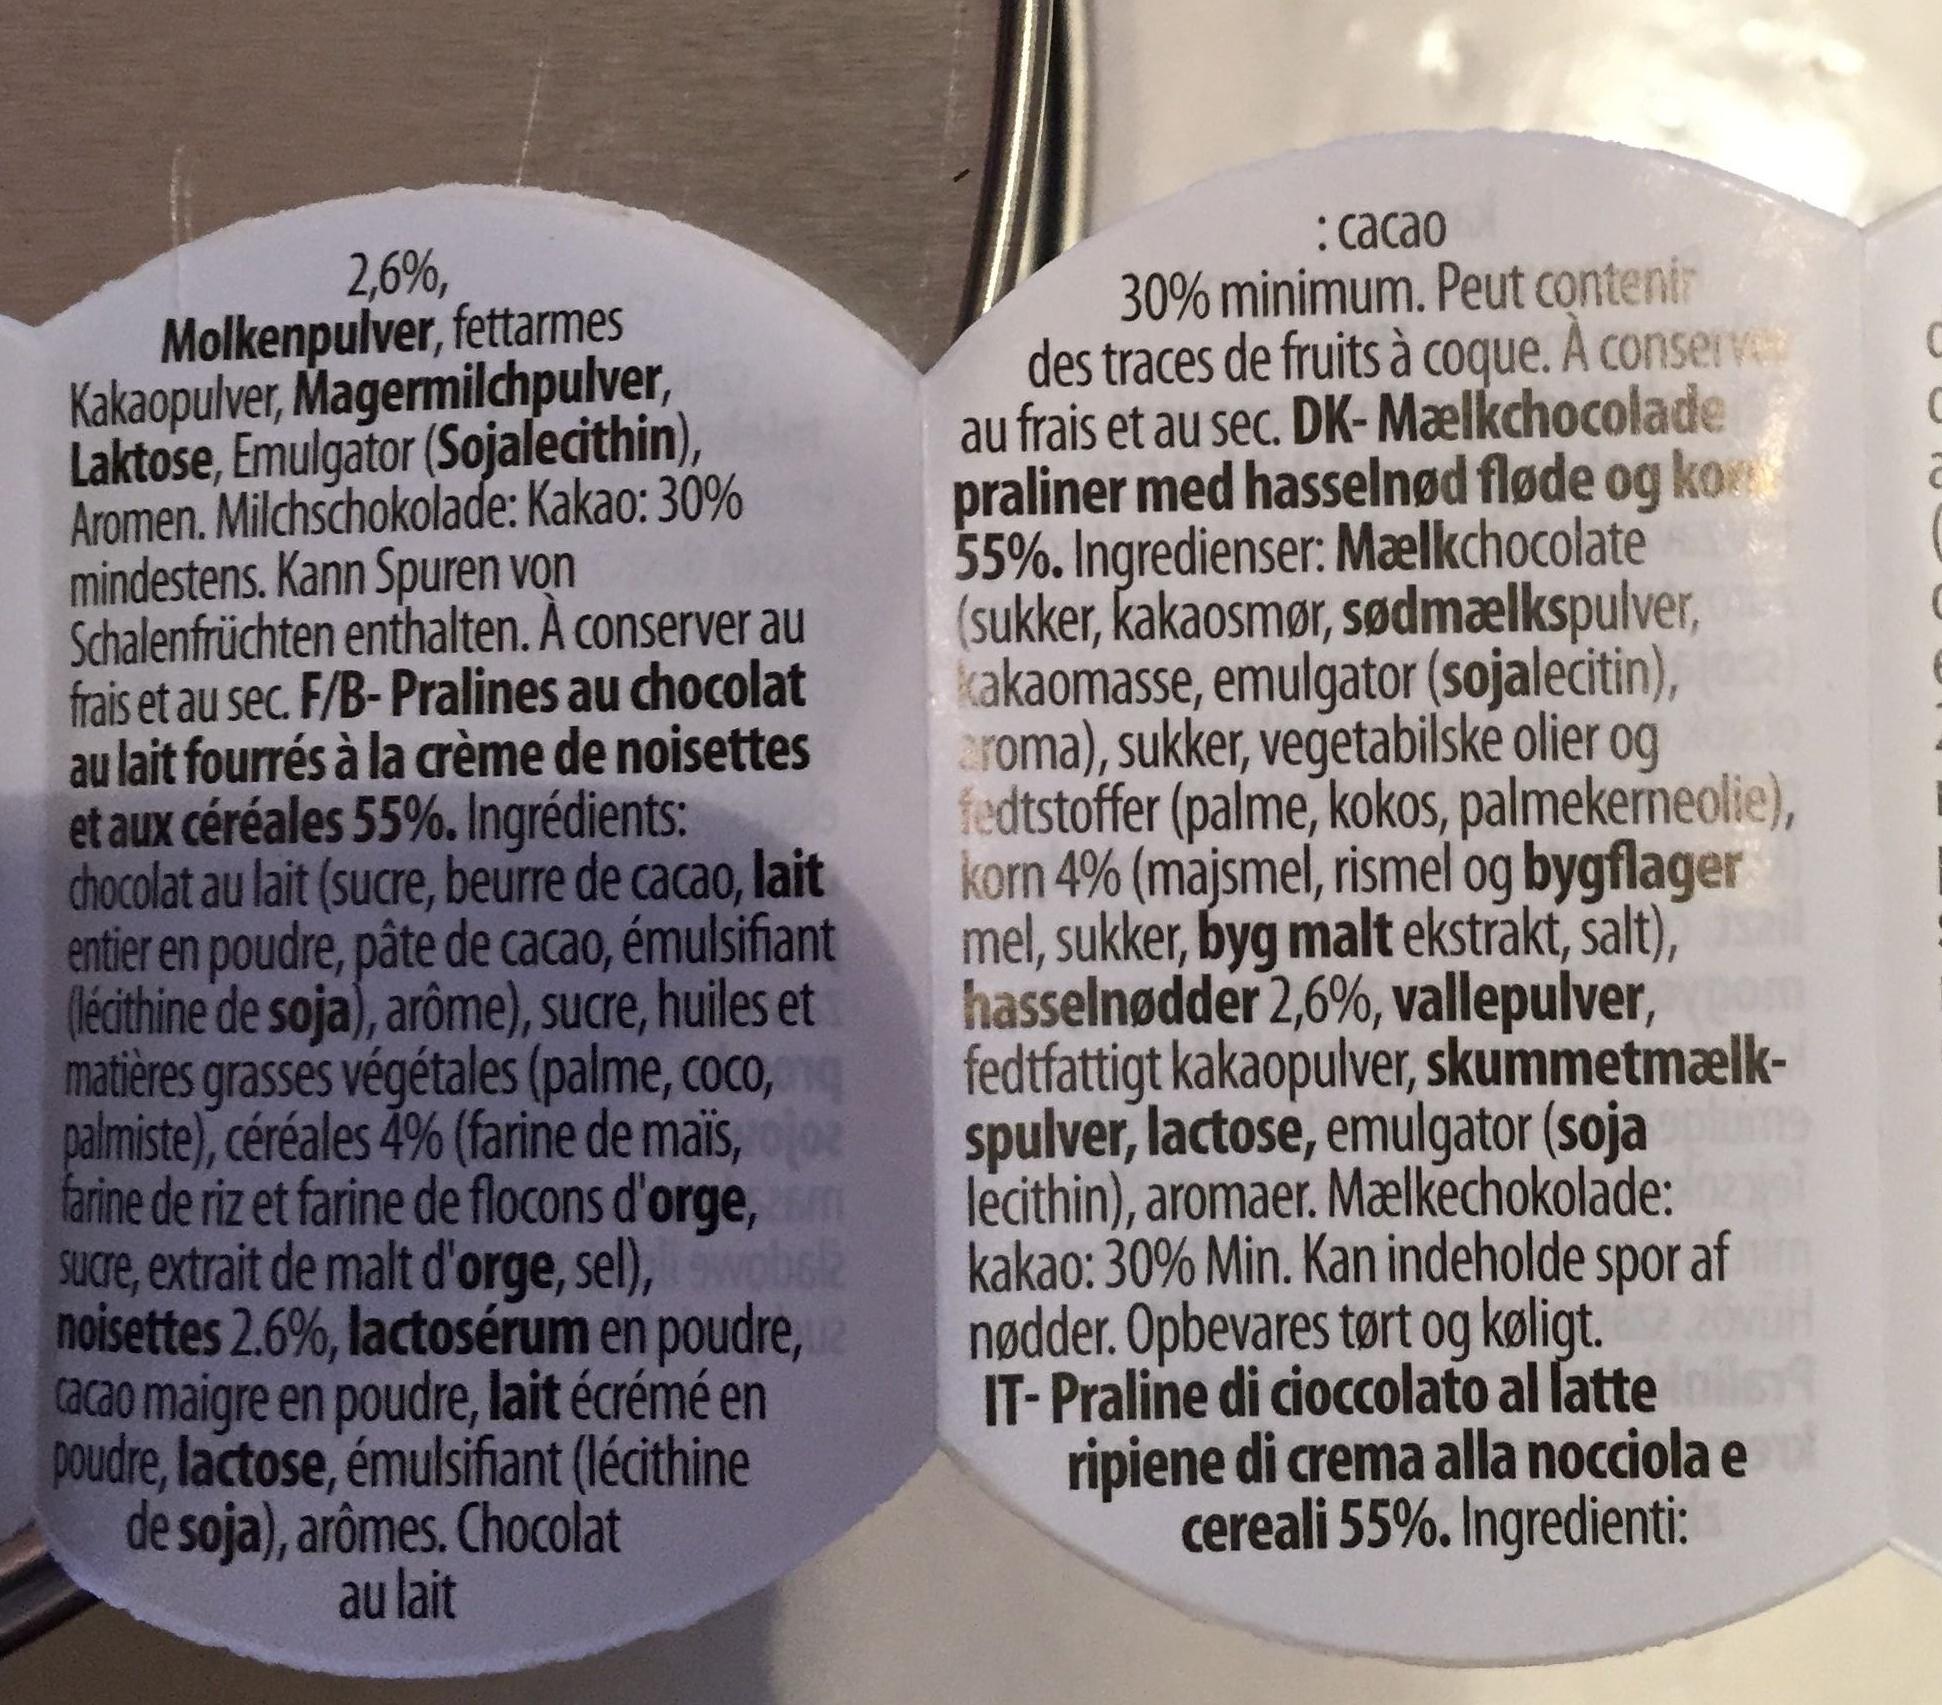 Pralinés au chocolat au lait fourrés à la crème de noisettes et aux céréales 55% - Ingredients